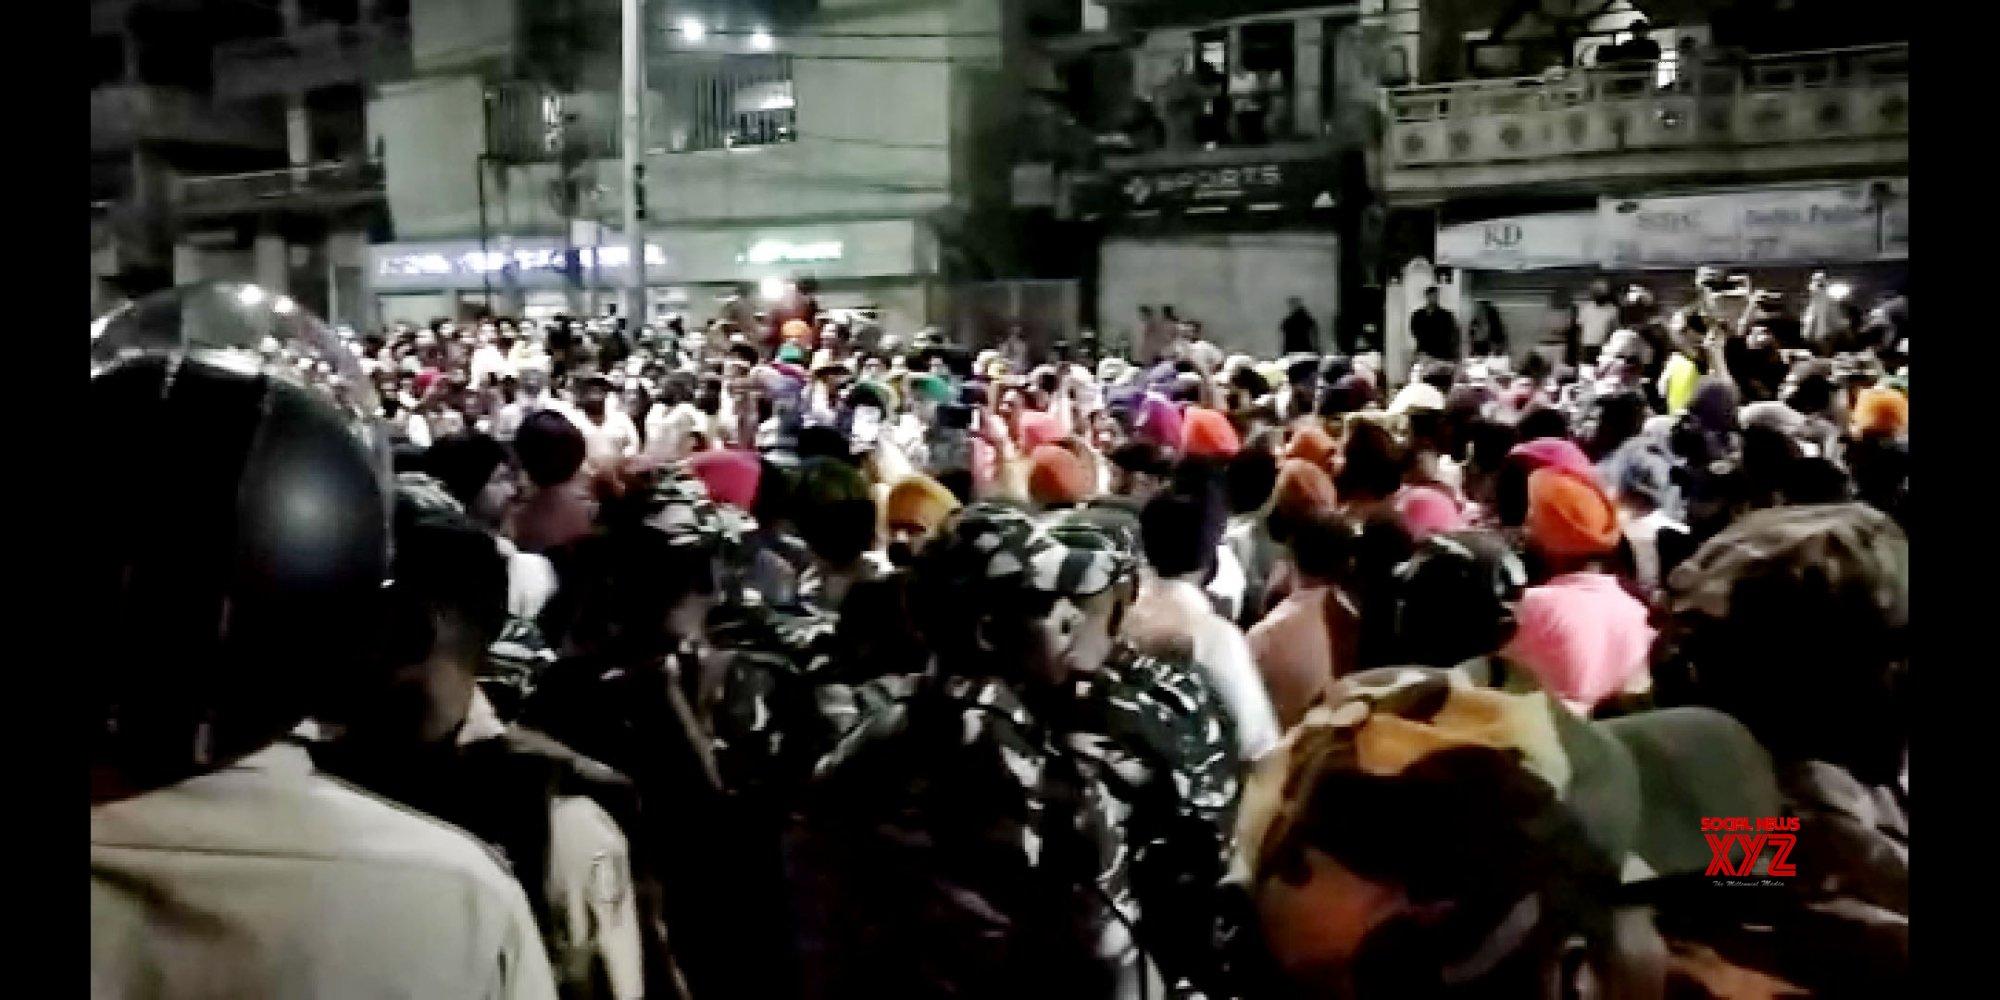 Police-tempo driver clash in Delhi: Probe team questions 18 people